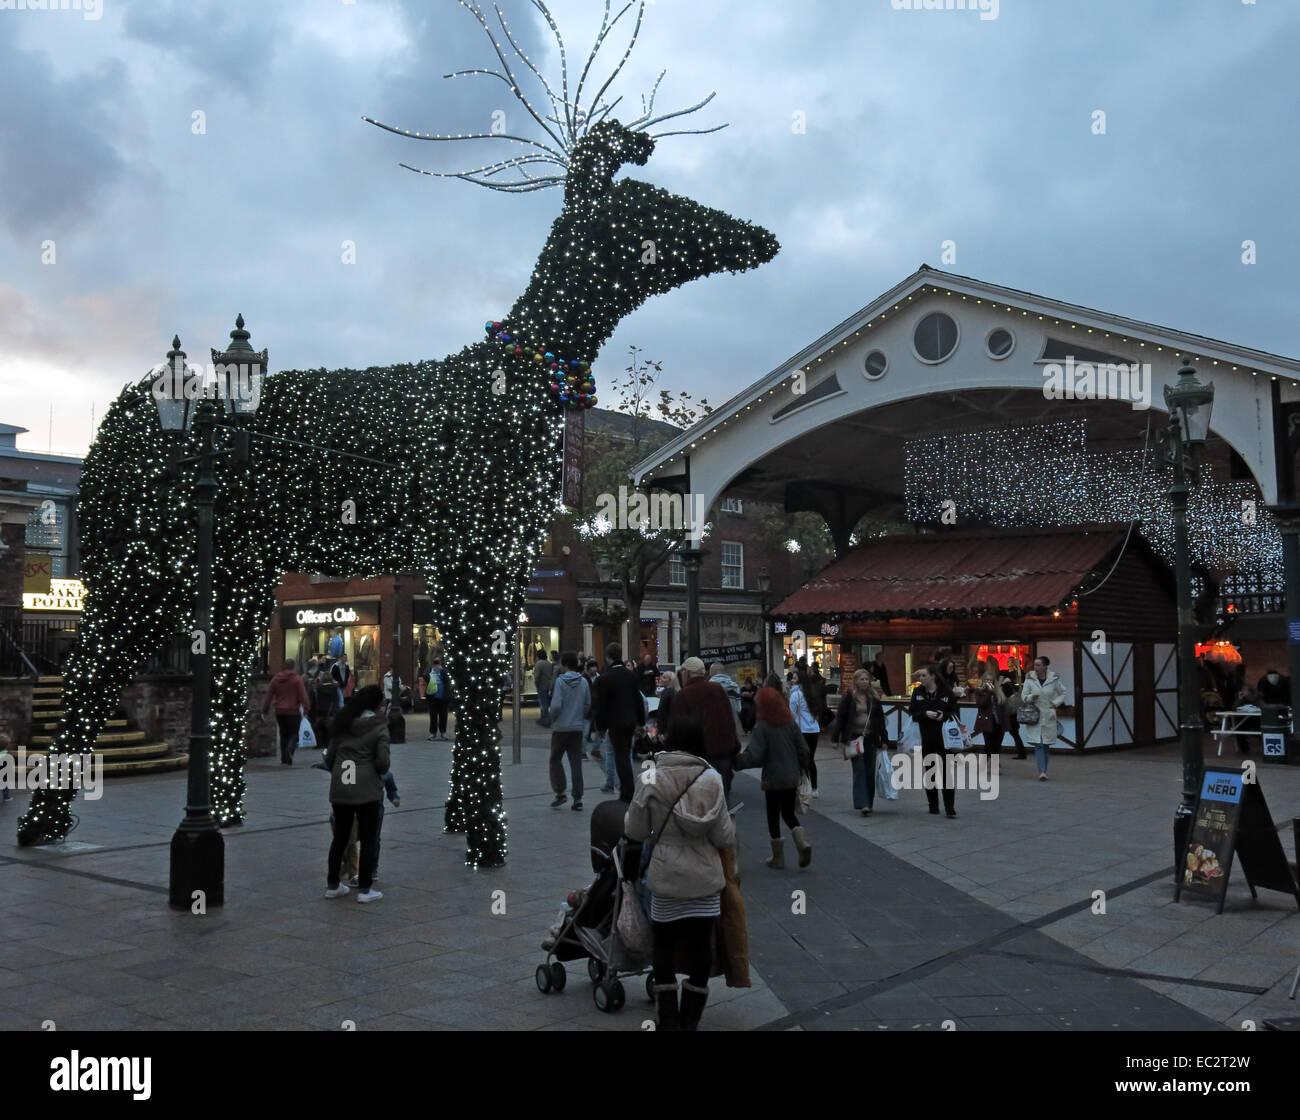 Laden Sie dieses Alamy Stockfoto Weihnachtsschmuck in Golden Square Warrington, Cheshire, England, UK - EC2T2W